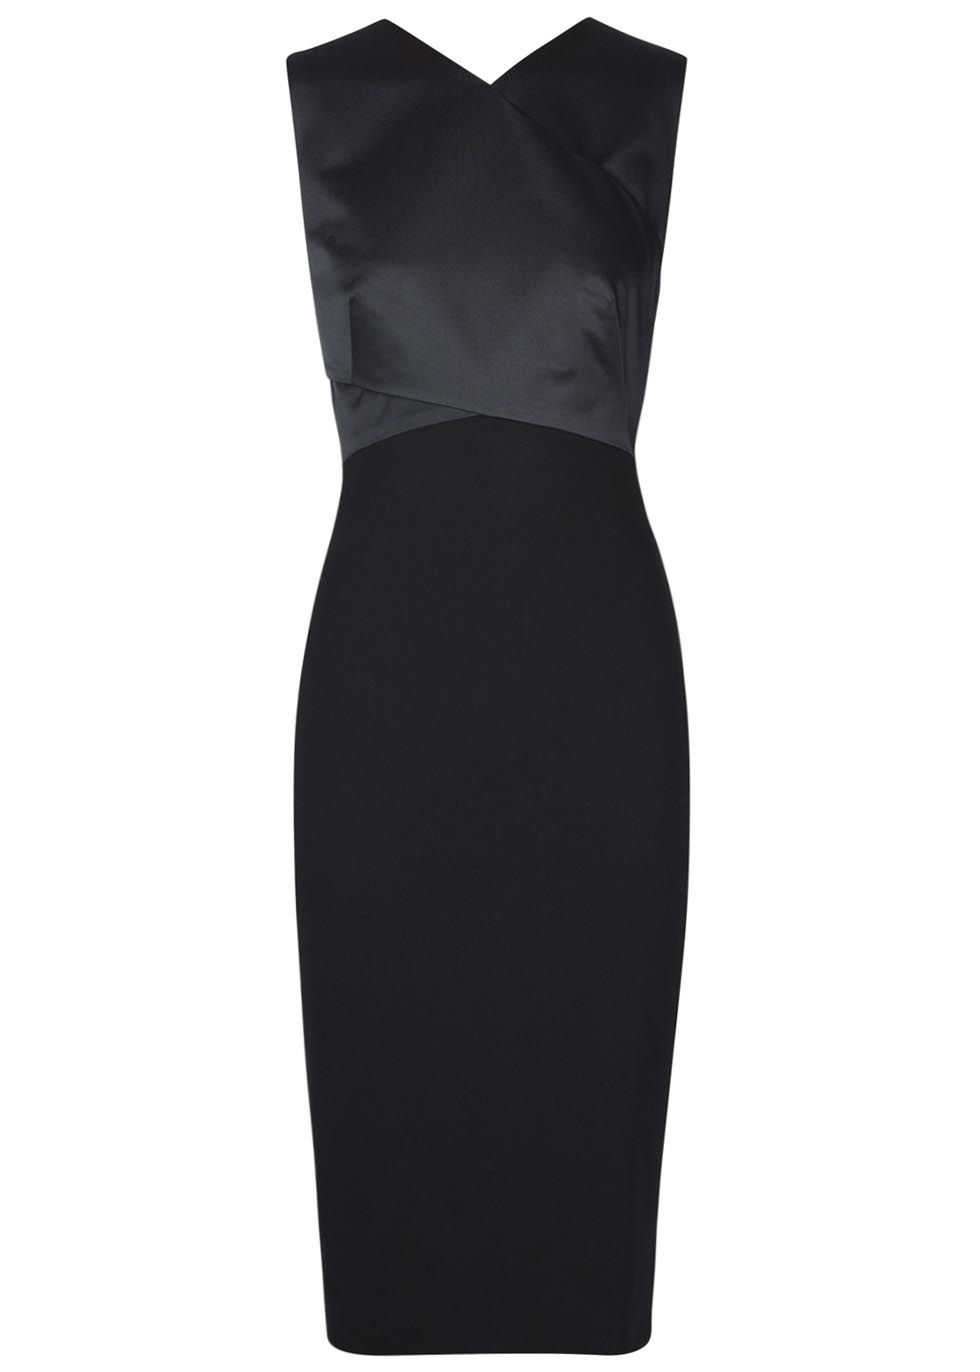 77473a878f Jason Wu black satin dress Open crossover back, contrast ponte jersey skirt,  back